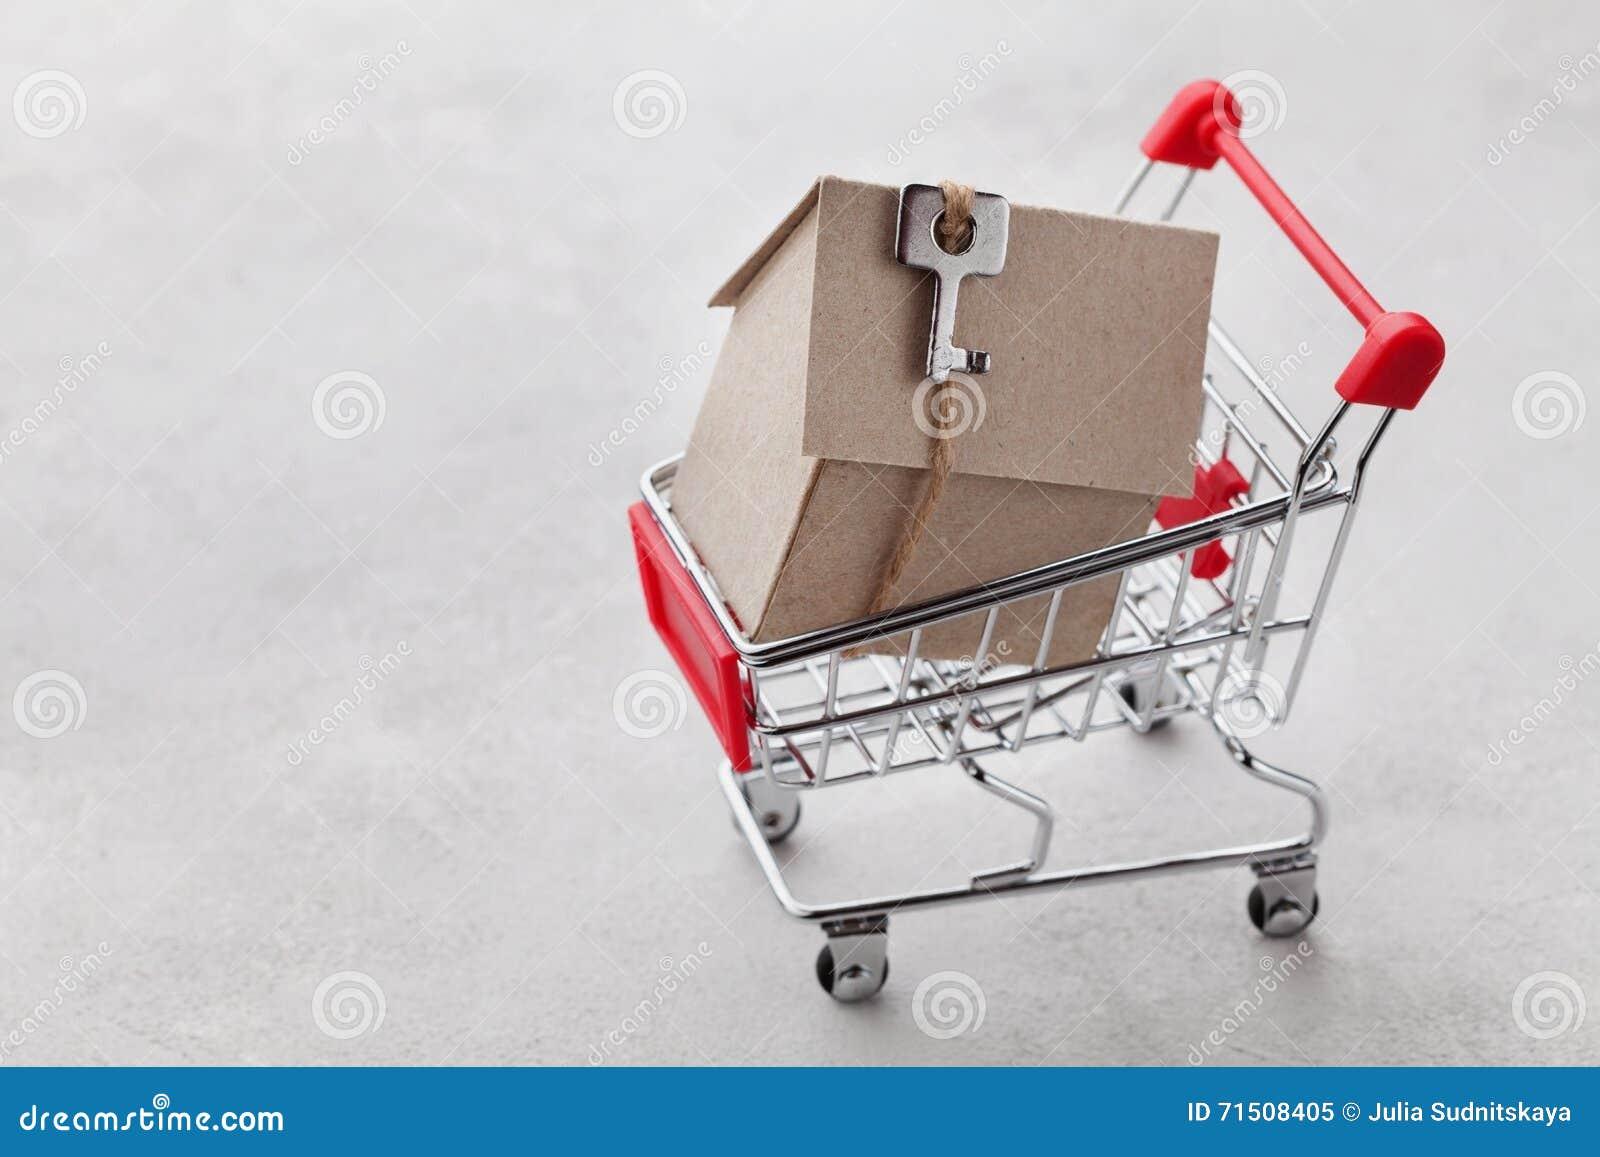 Carrello con il modello della casa del cartone su fondo grigio, comprando una nuova casa o vendita del concetto del bene immobile